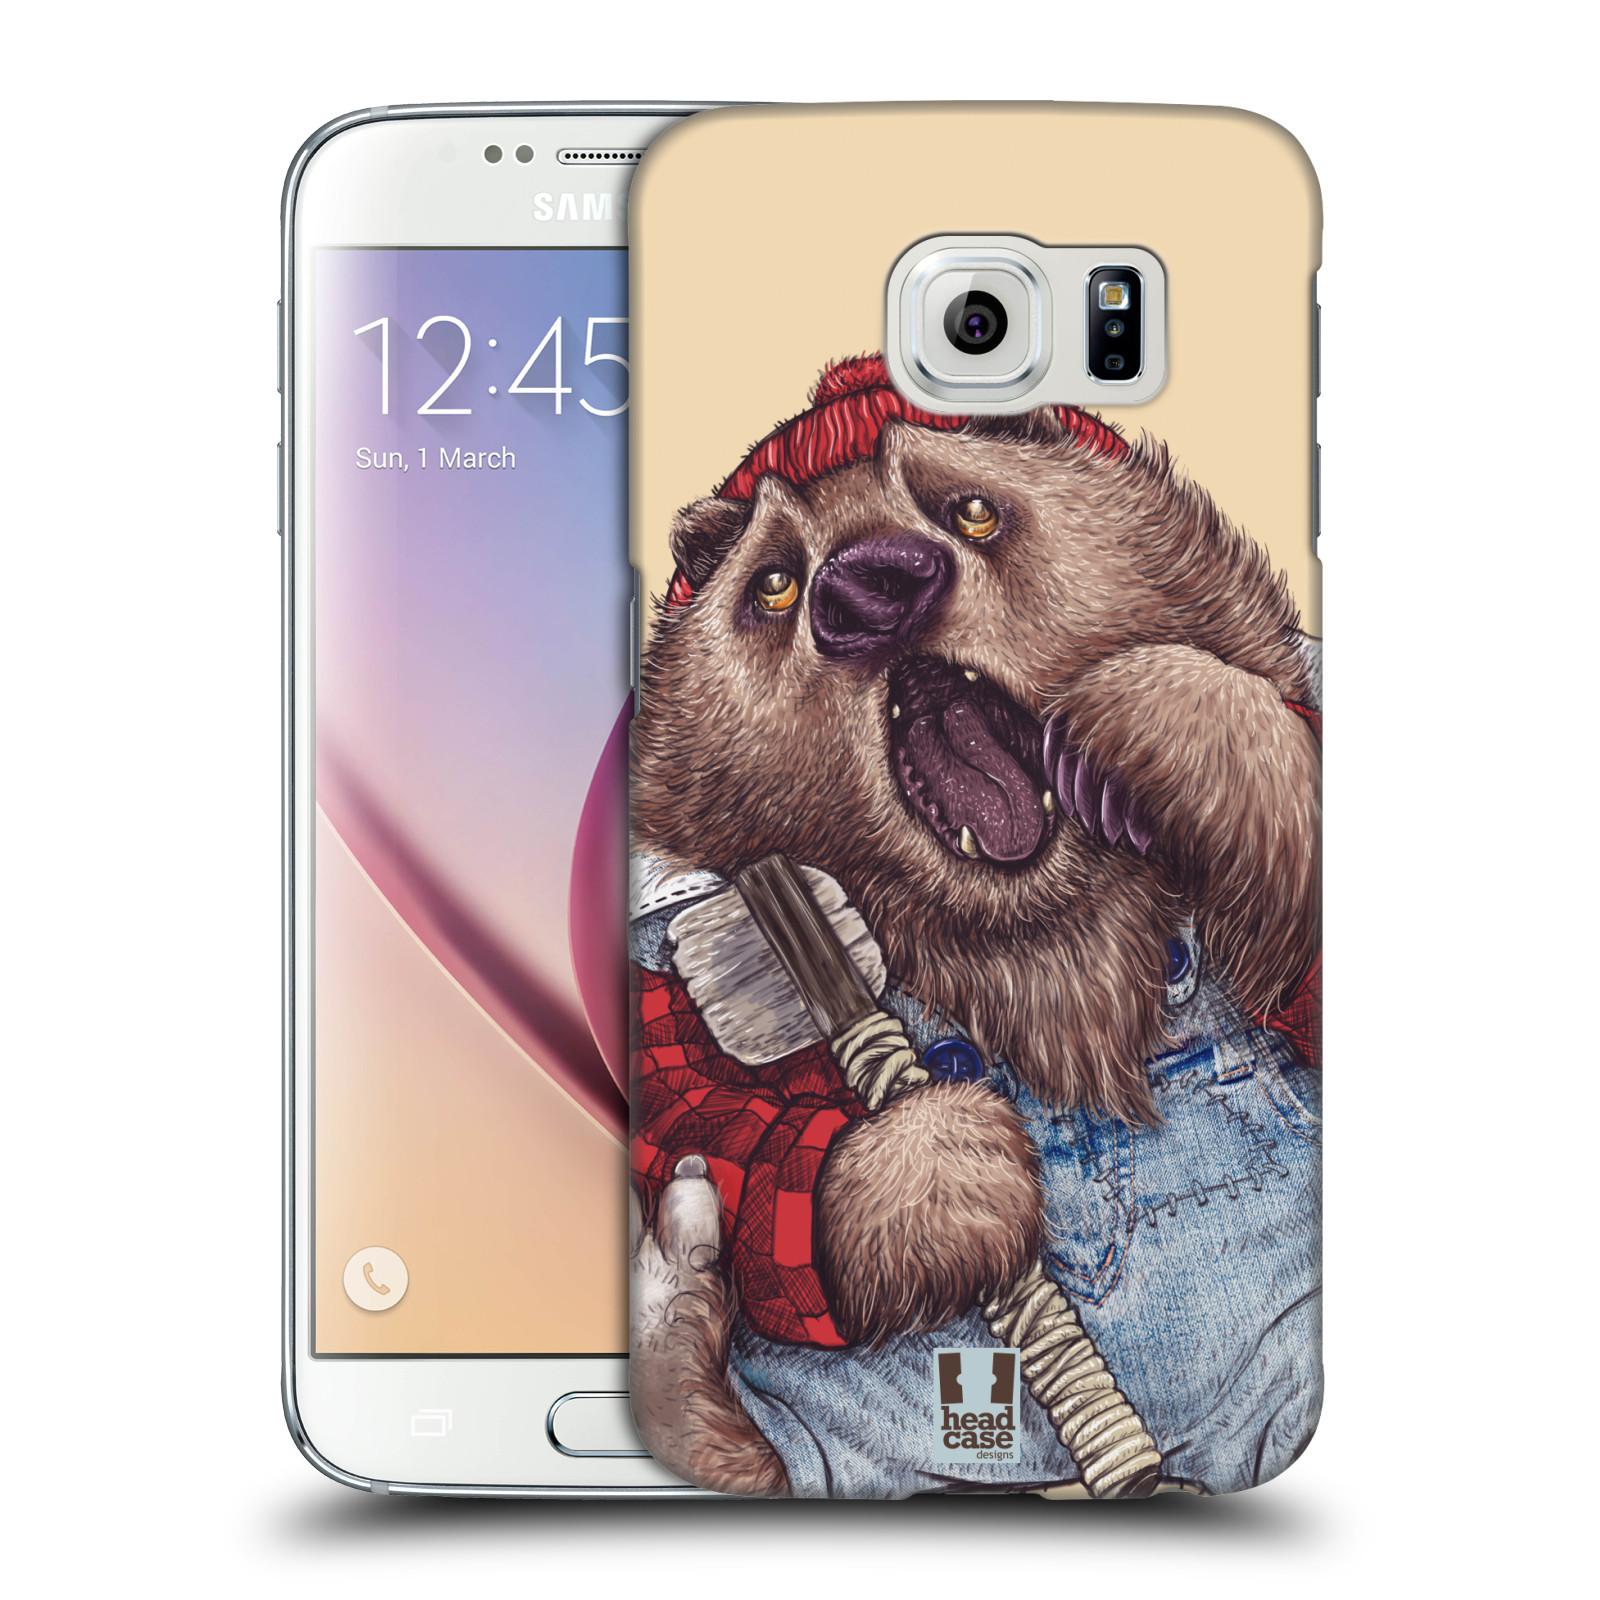 HEAD CASE plastový obal na mobil SAMSUNG Galaxy S6 (G9200, G920F) vzor Kreslená zvířátka medvěd